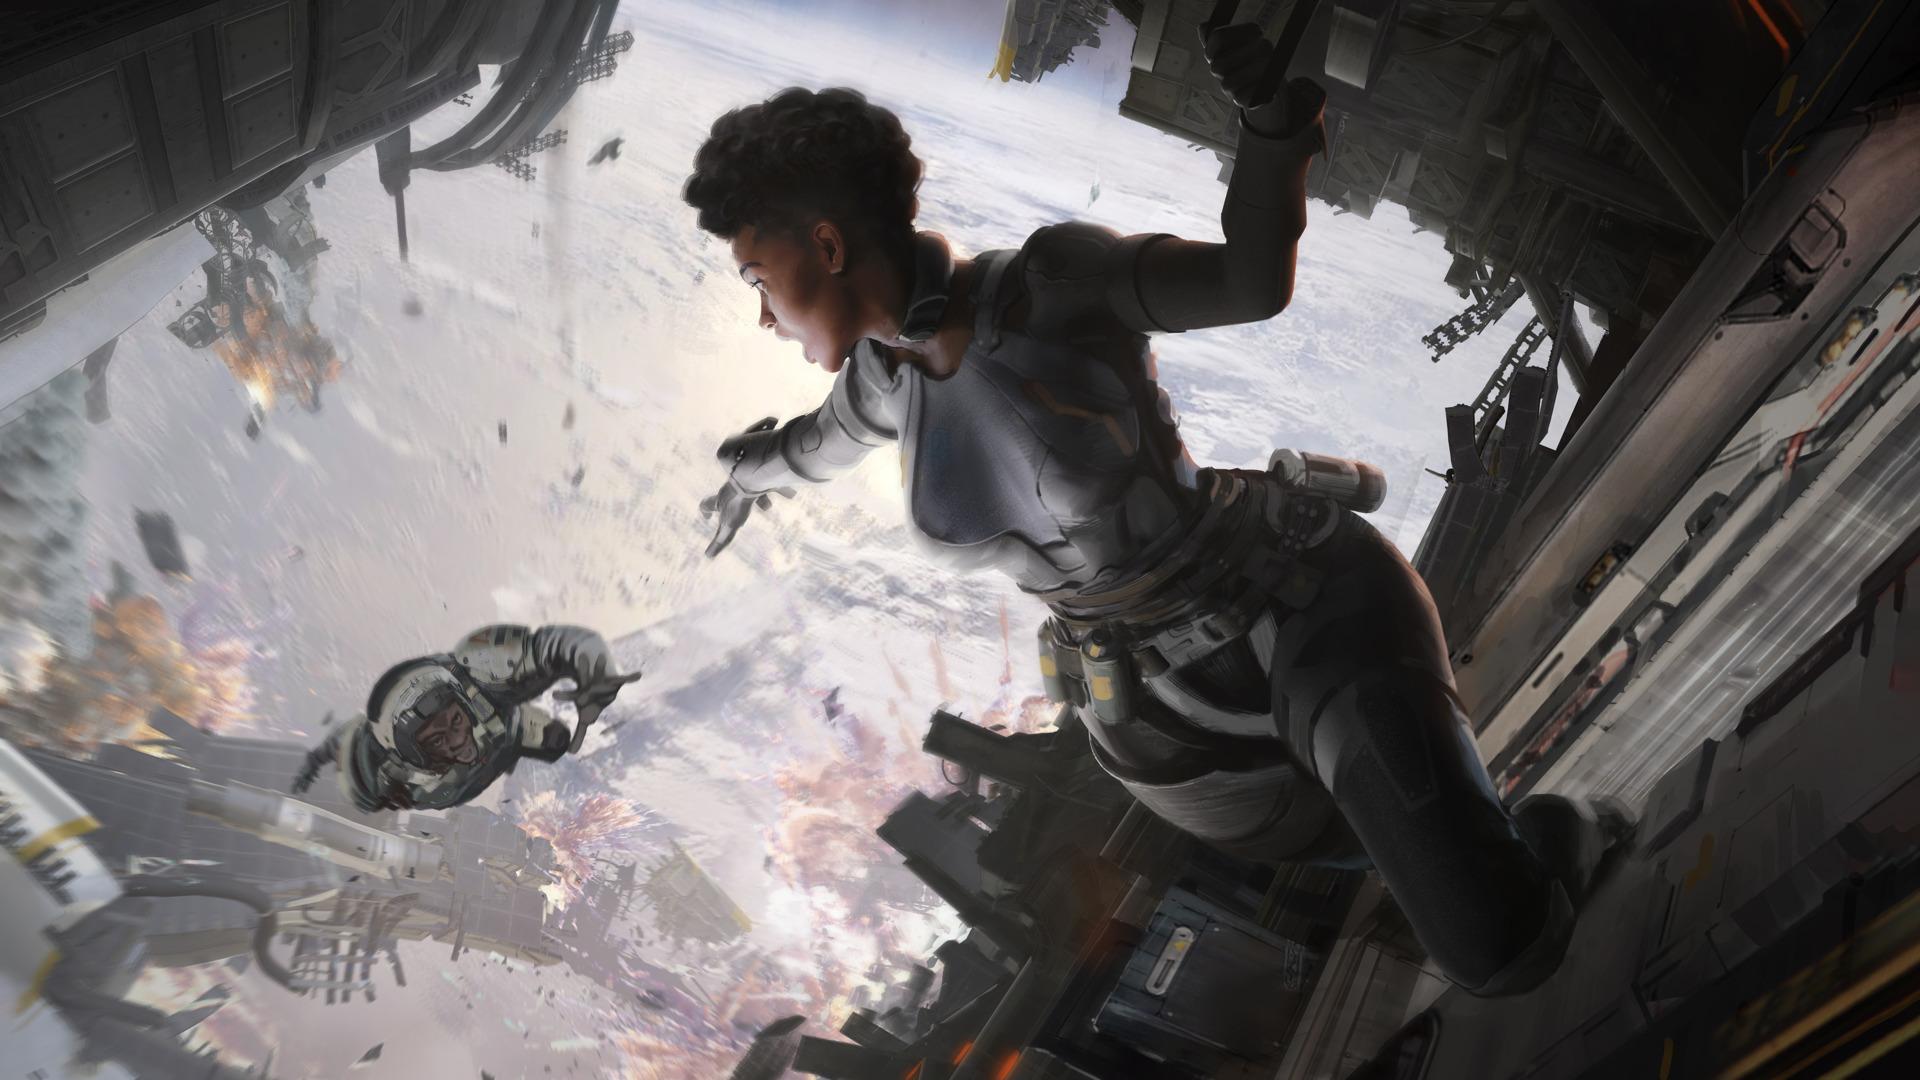 Ilustração de Apex Legends mostrando um personagem caindo de uma nave espacial, com outra estendendo a mão para tentar segurá-lo